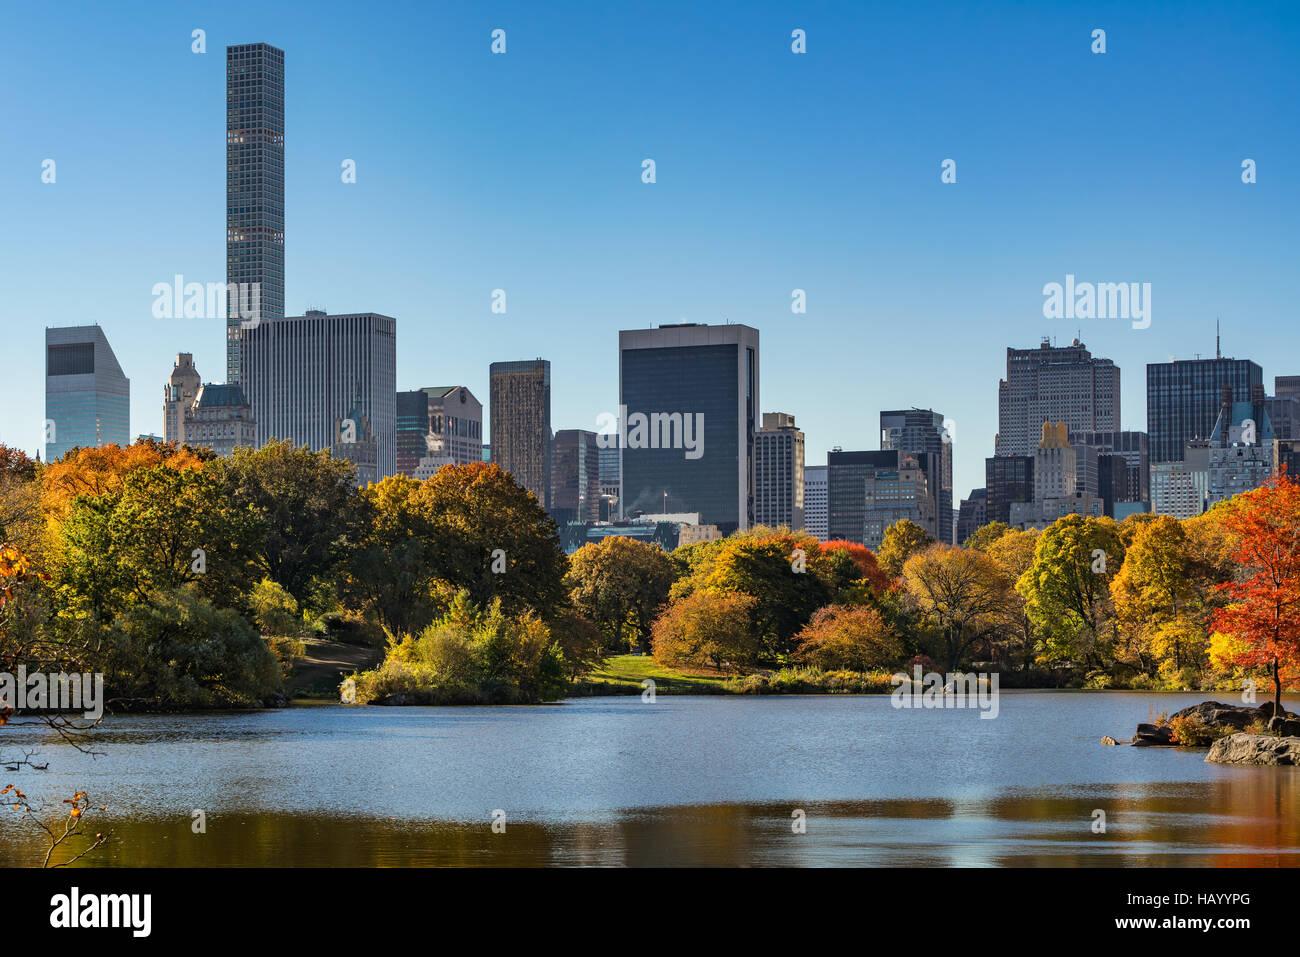 Verlieben Sie sich im Central Park in The Lake Midtown Wolkenkratzer. Morgendliche Aussicht mit bunten Herbstlaub. Stockbild